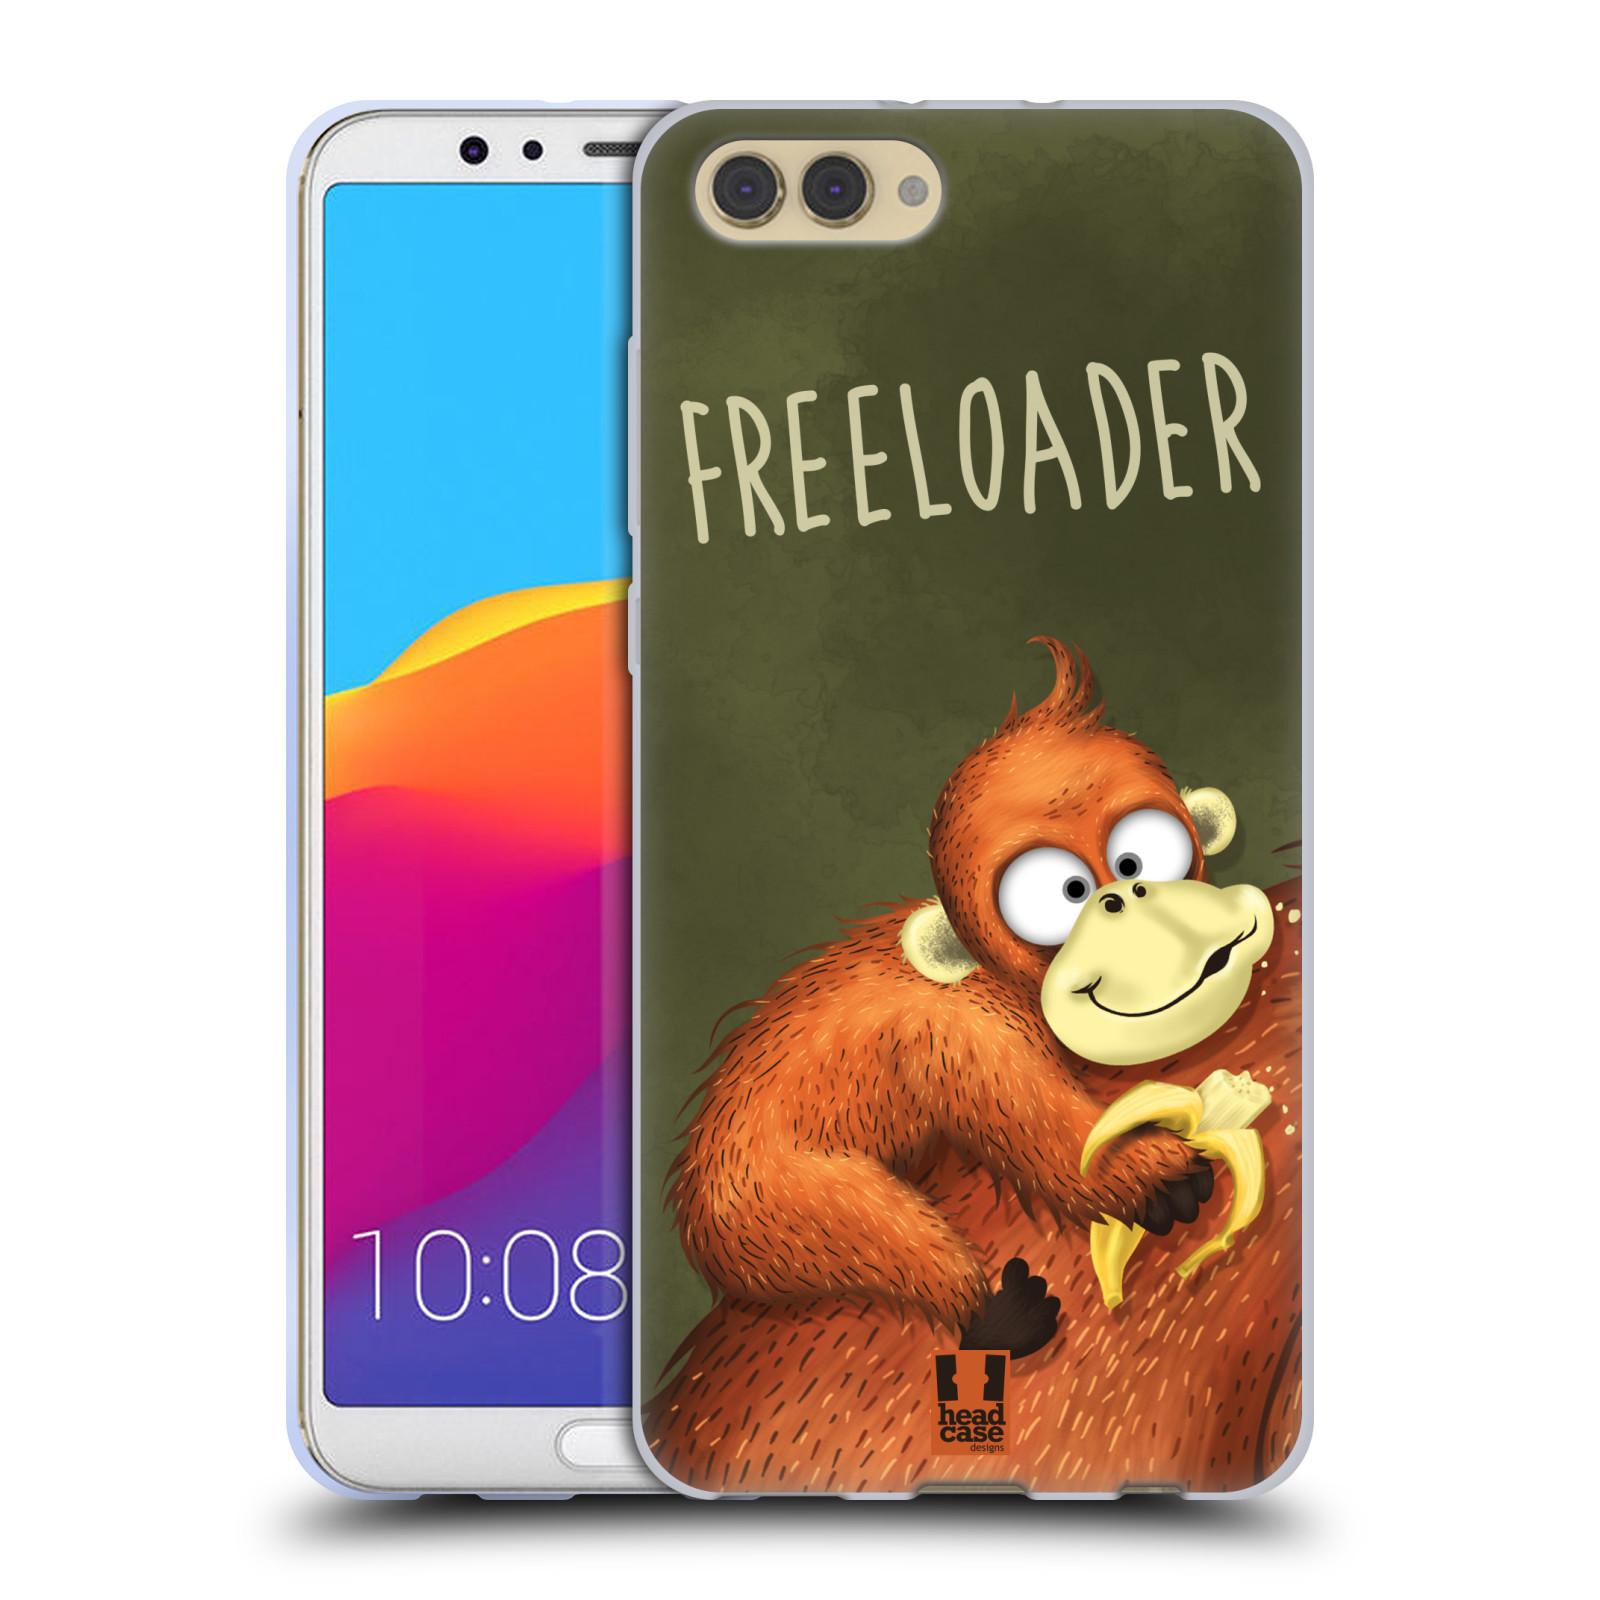 Silikonové pouzdro na mobil Honor View 10 - Head Case - Opičák Freeloader